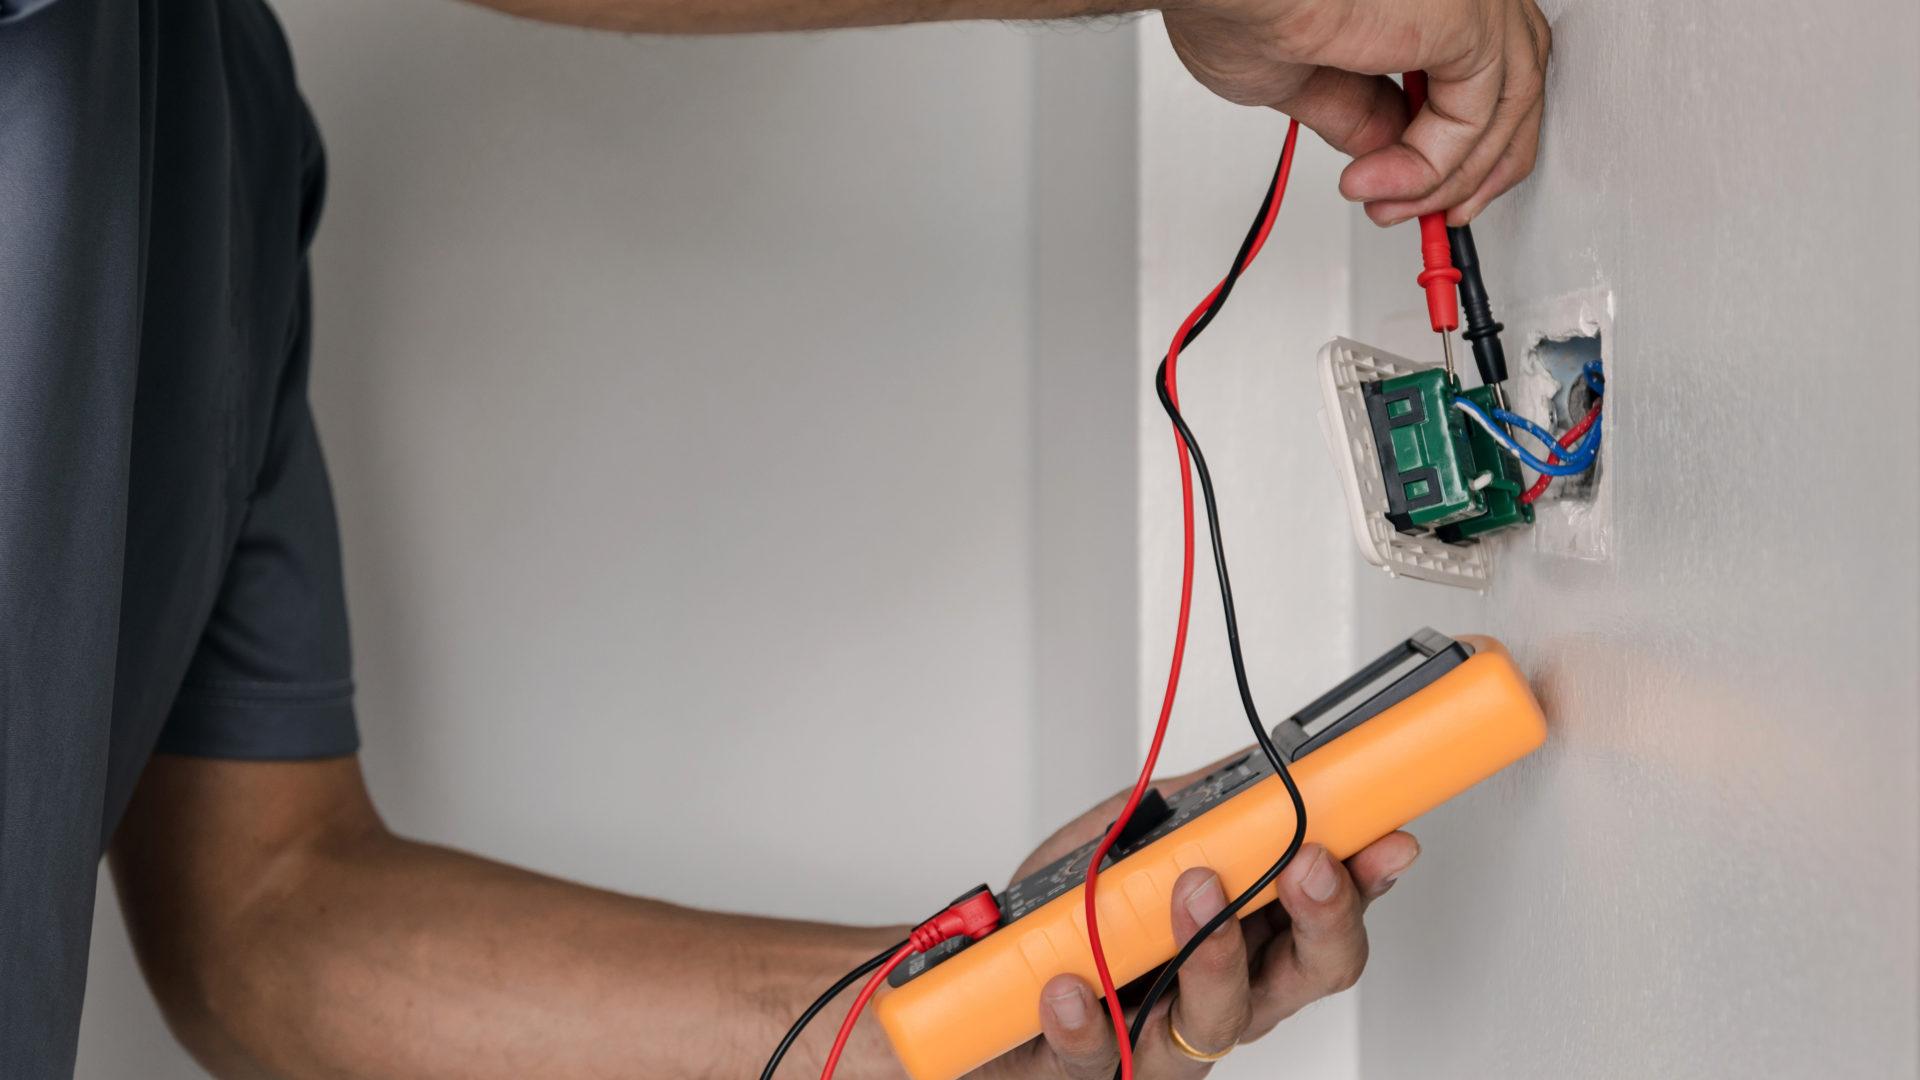 Sähköremontteja kaupitellaan agressiivisesti. Asiantuntija kertoo, milloin sähköjärjestelmän uusiminen on tarpeen.